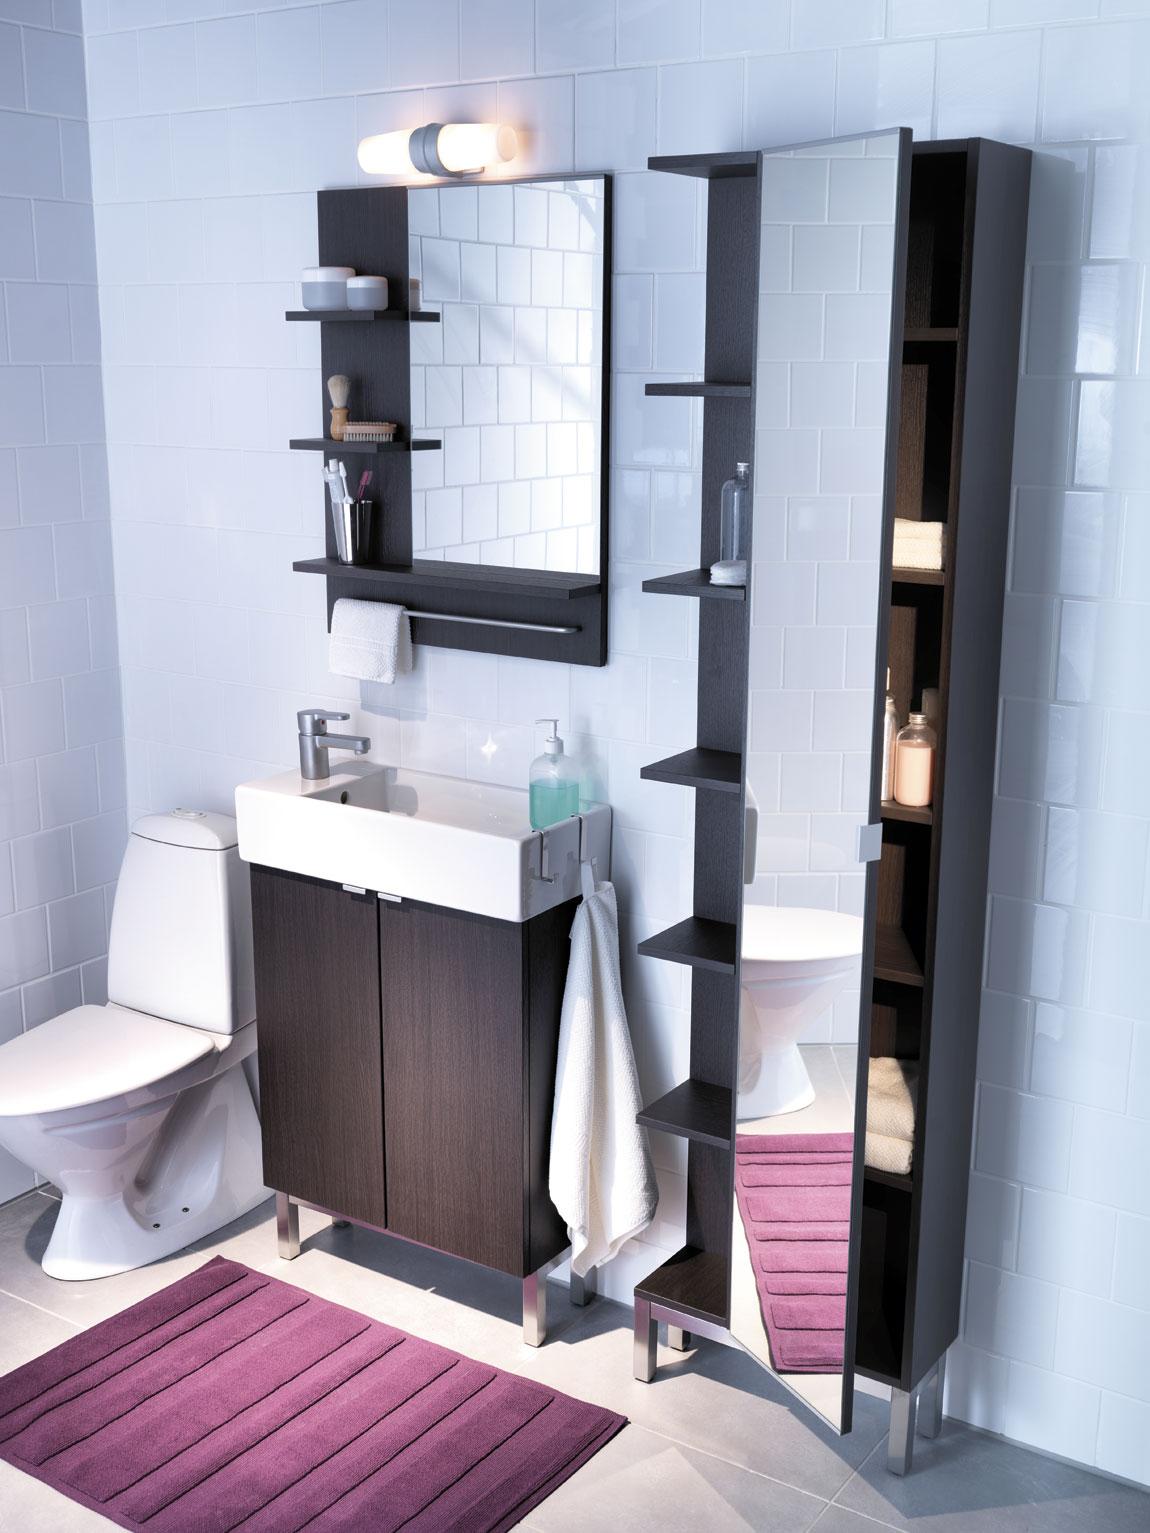 Novedades Ikea 2012: Baños. Imágenes de Ambientes con lo ...